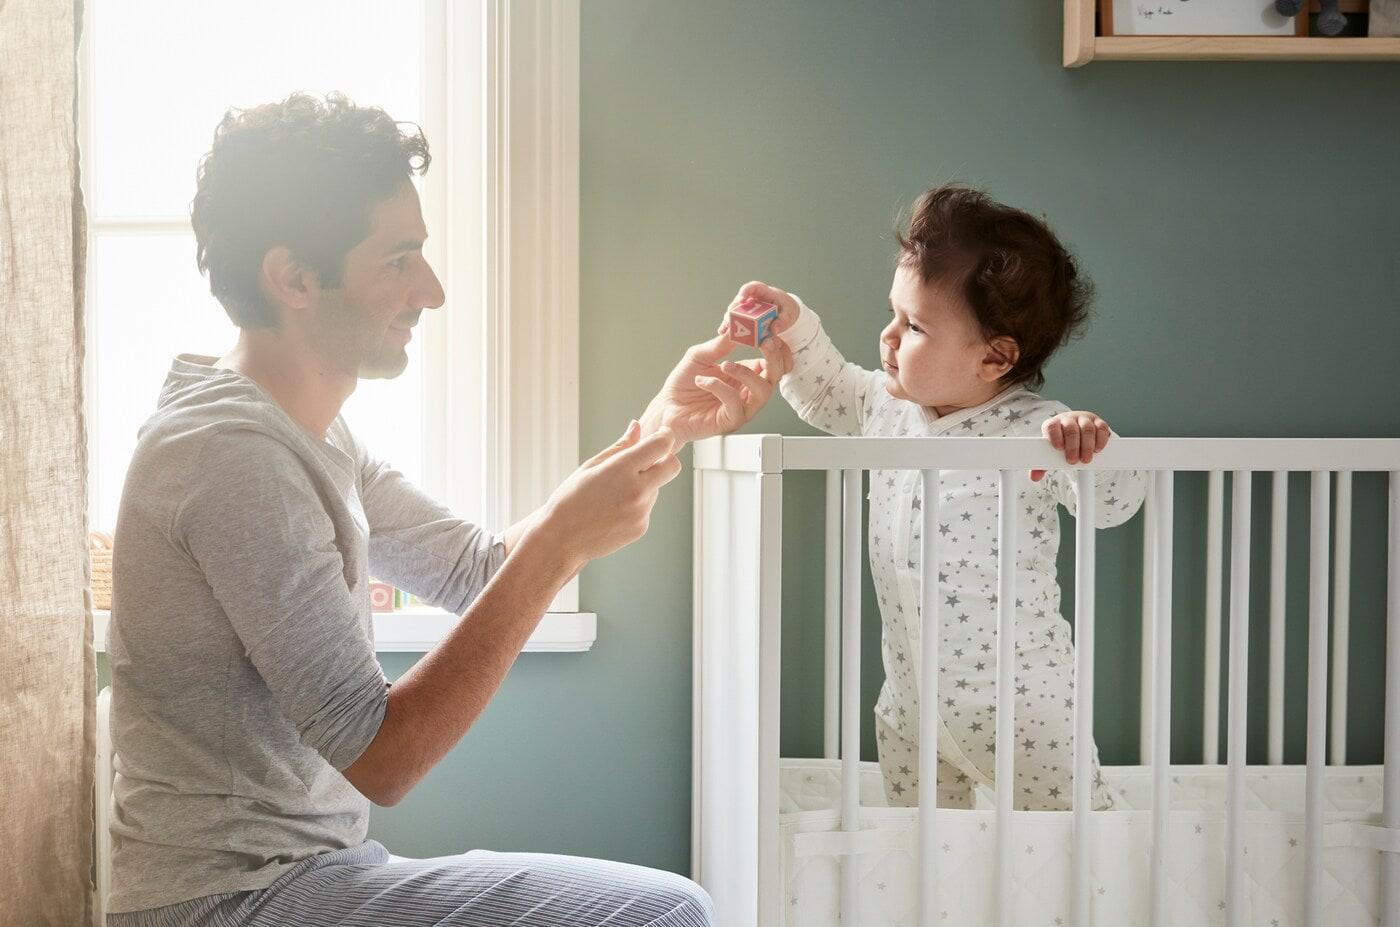 Ein Vater spielt mit einem kleinen Holzspielzeug mit seinem Kind, das in einem Babybett steht.